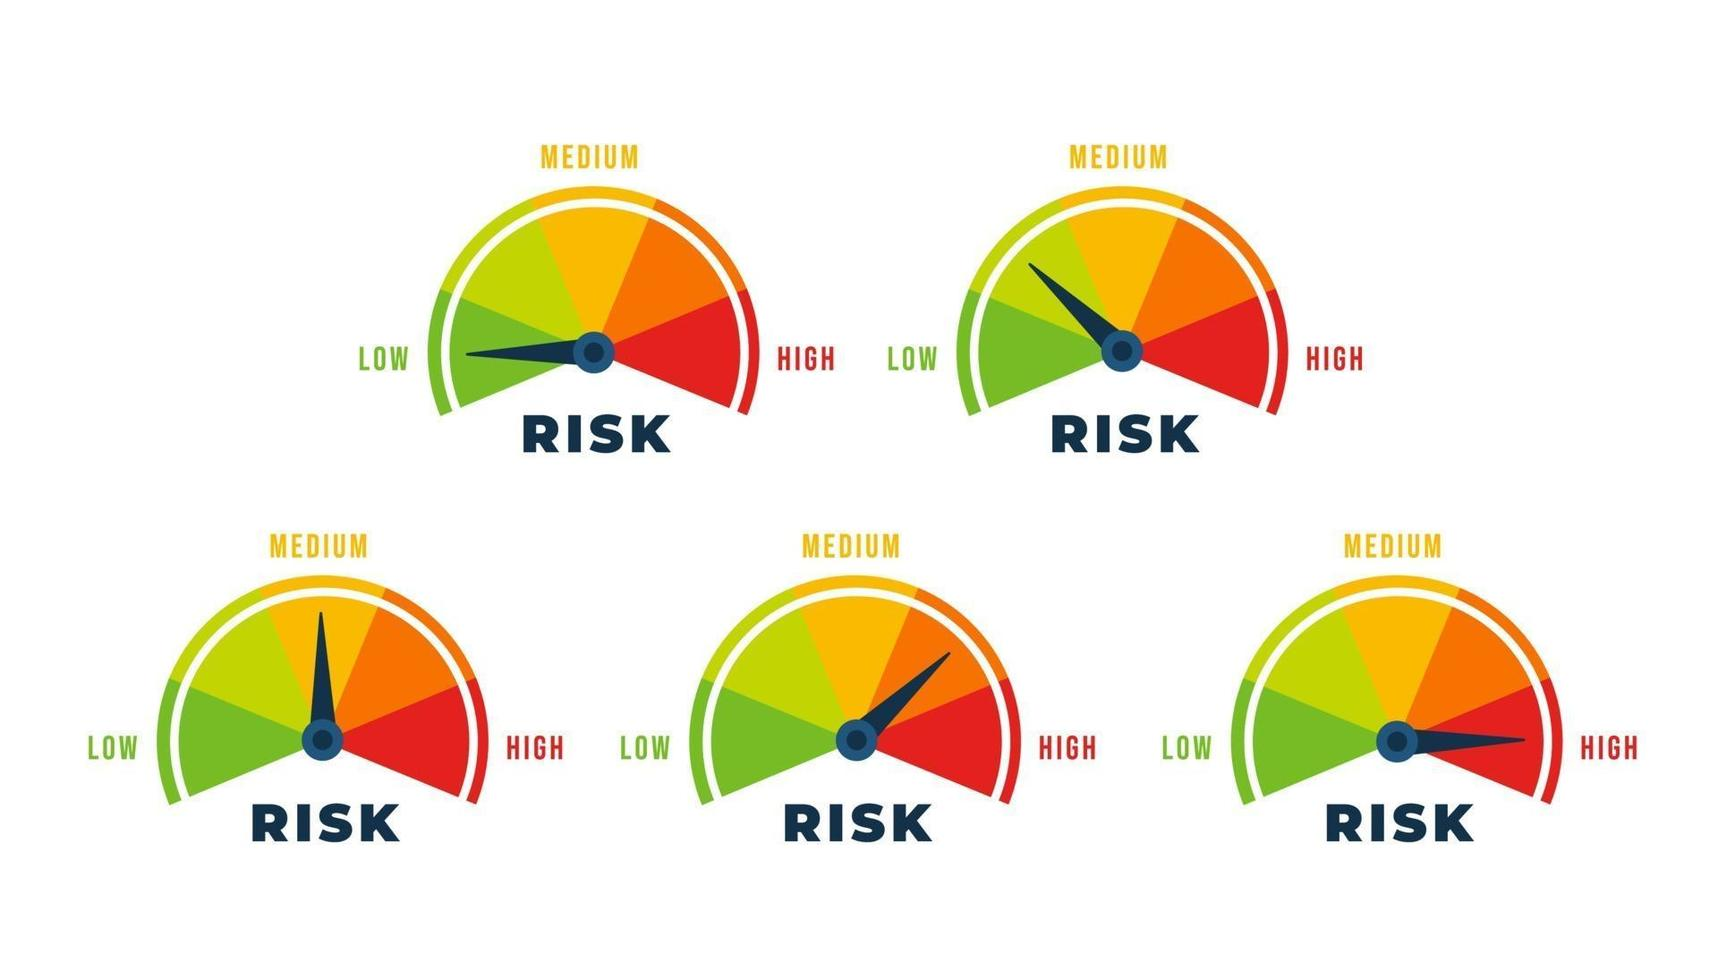 concetto di rischio sul tachimetro. scala rischio basso, medio o alto sul tachimetro. vettore